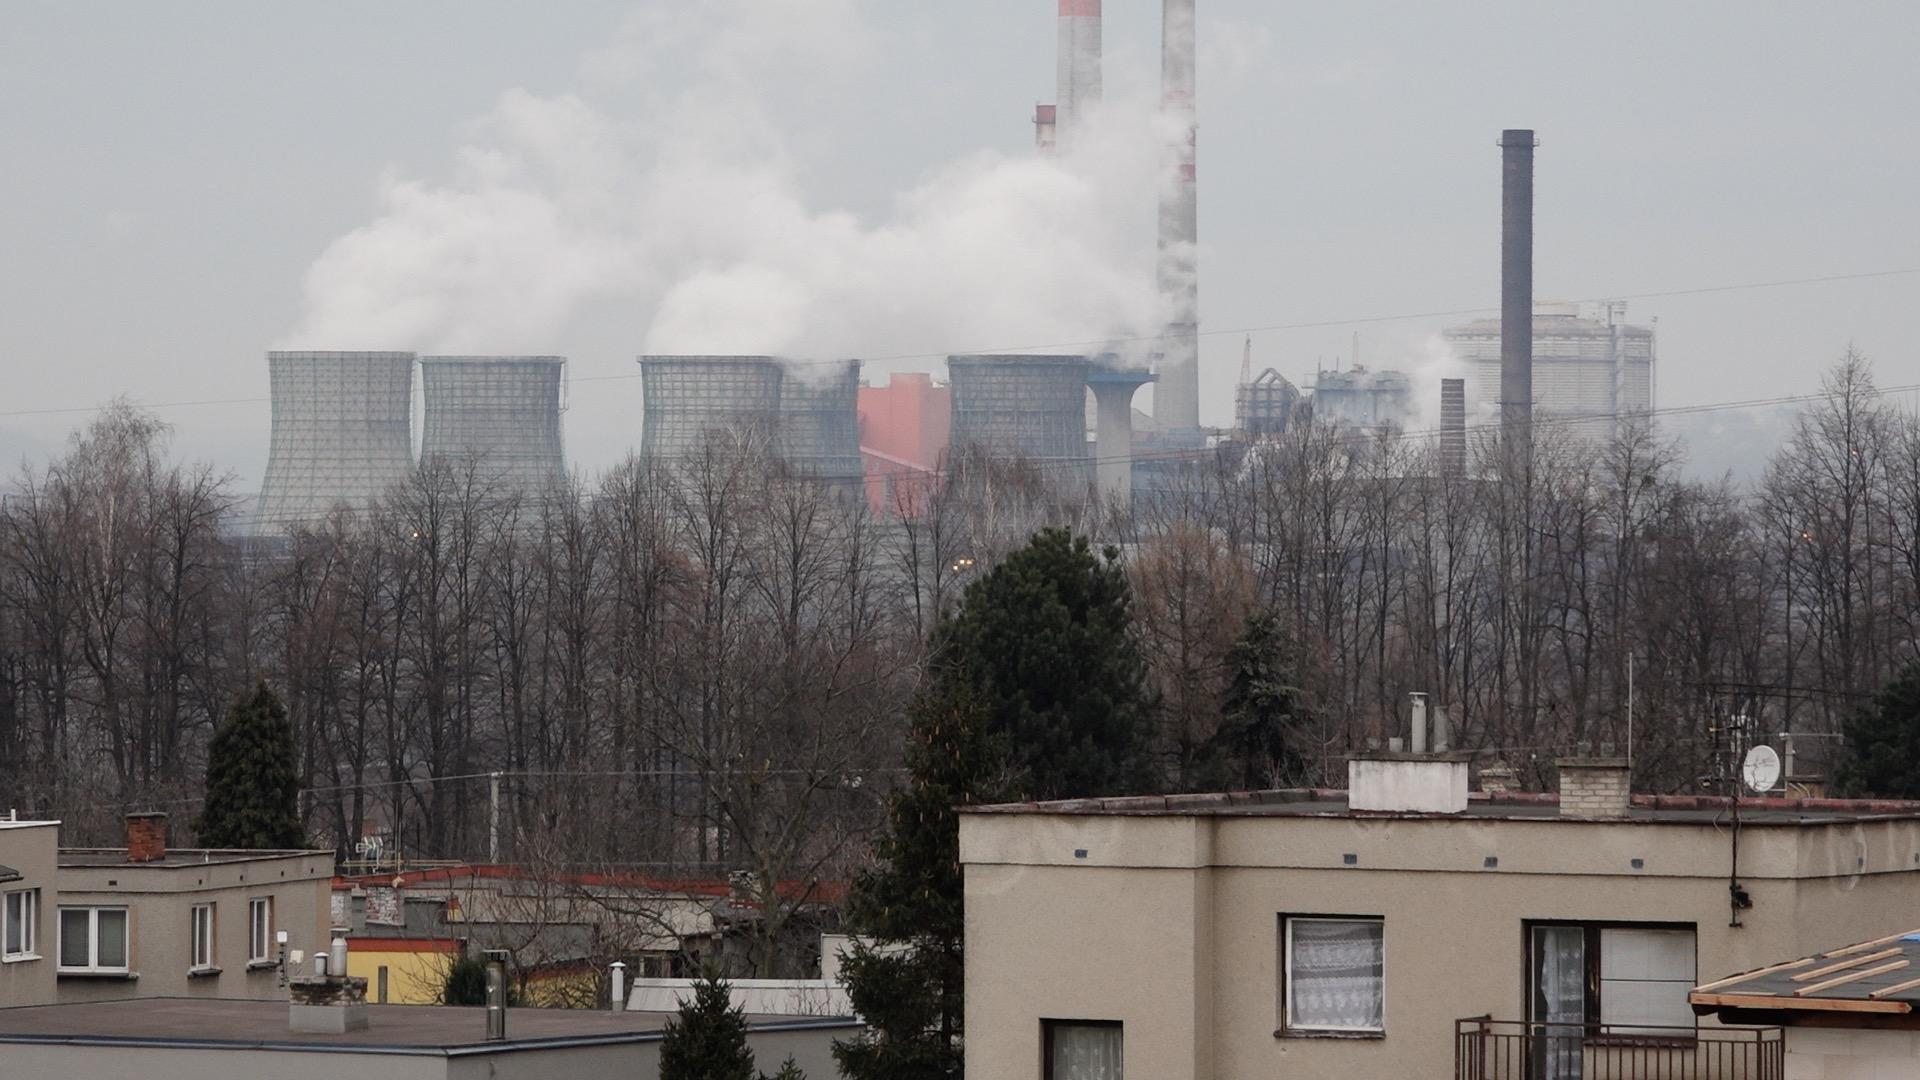 Ostravský paradox. Dva smogové poplachy za jediný týden, kvalita ovzduší se ale přitom výrazně zlepšuje